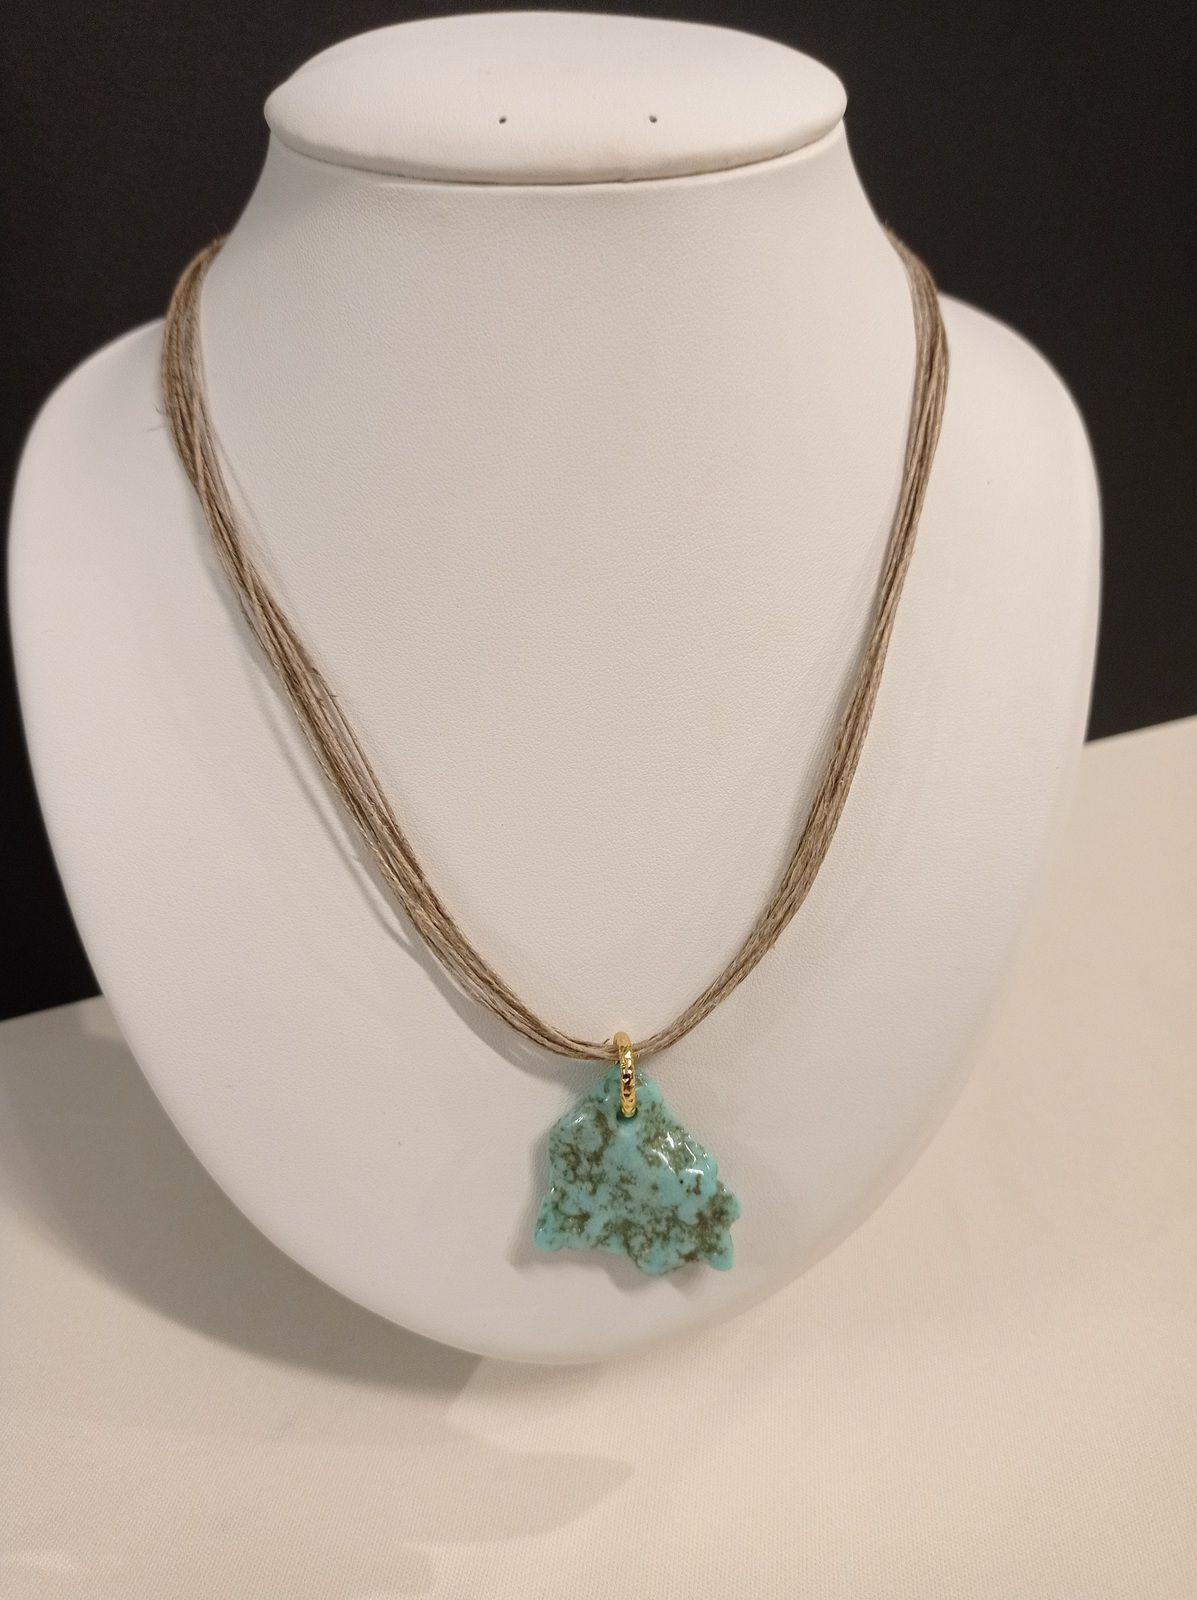 REF.CLP220- Collier lin , turquoise naturelle, avec chaîne de rallonge, long. entre 53 et 59cm. COLLIER 26€.